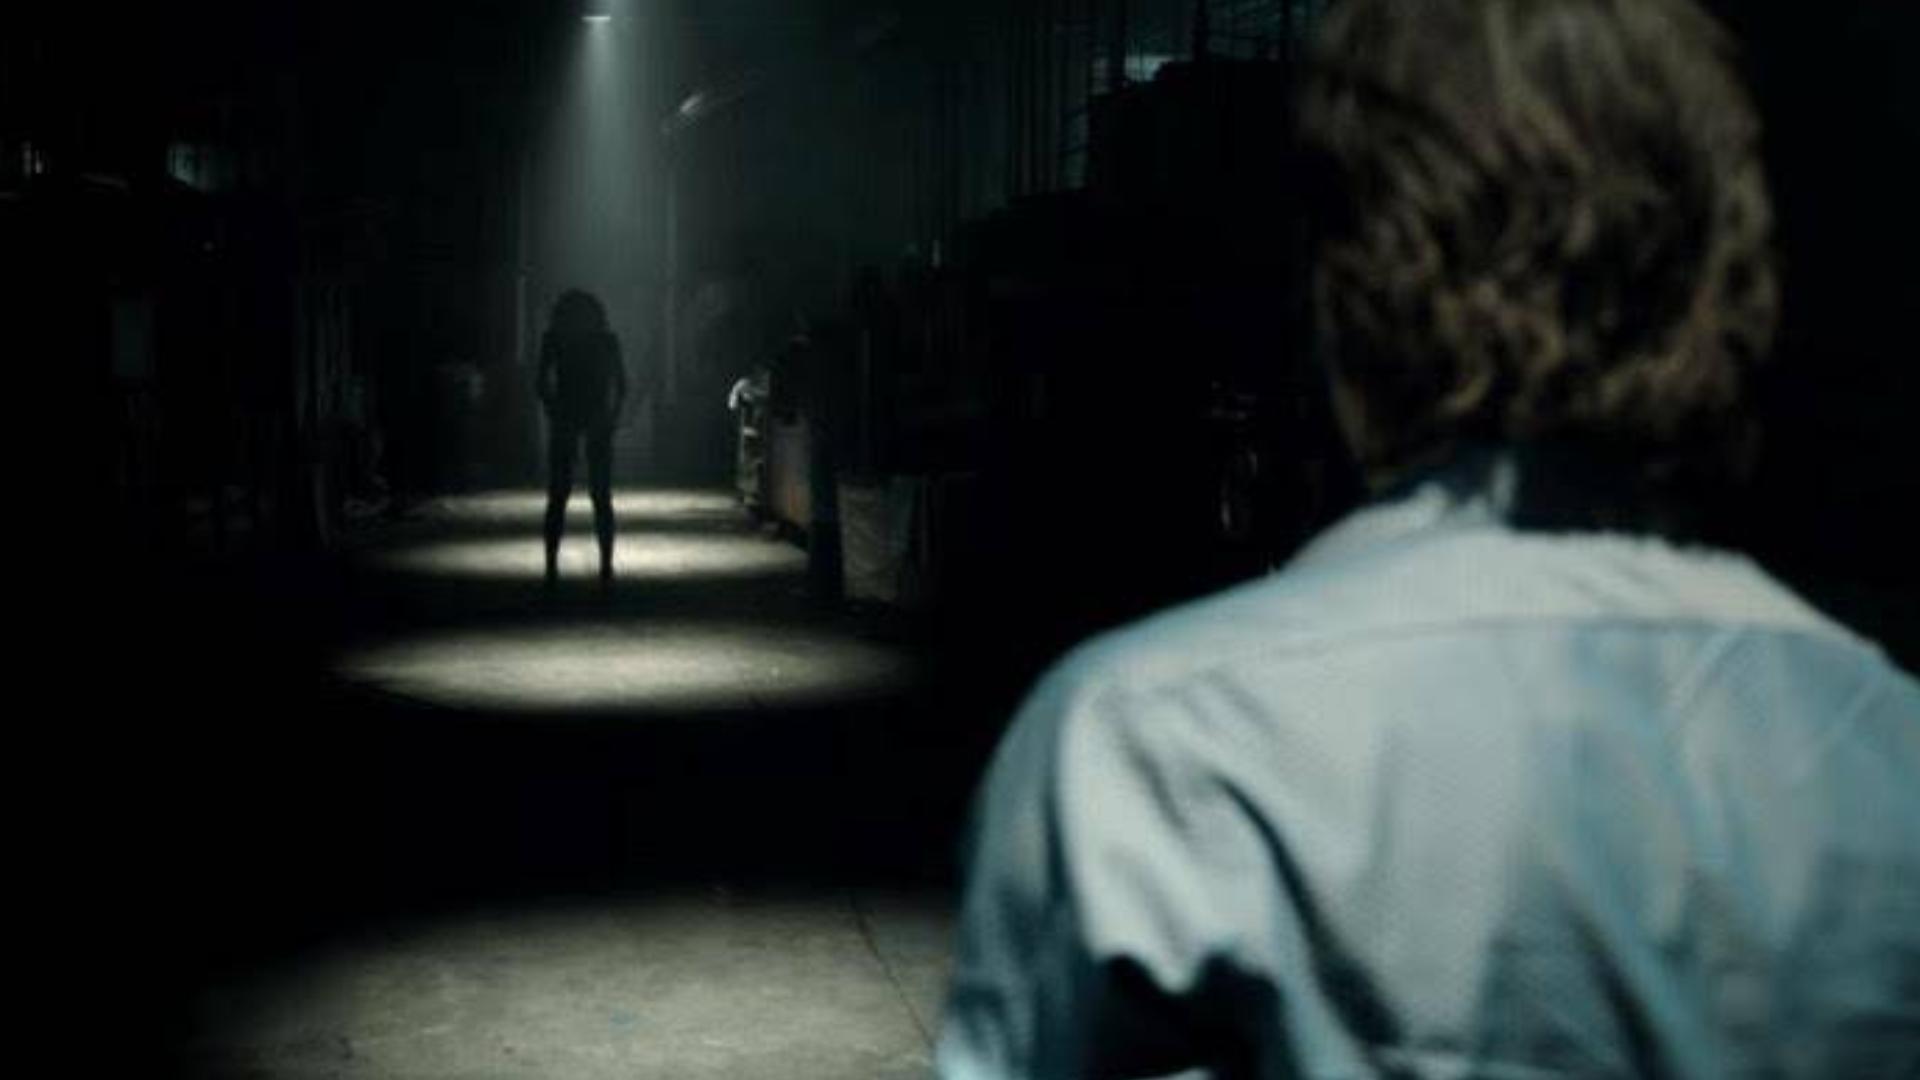 【瓜皮酱】恐怖片《关灯后》来袭!隐藏在黑暗深处的恶魔!